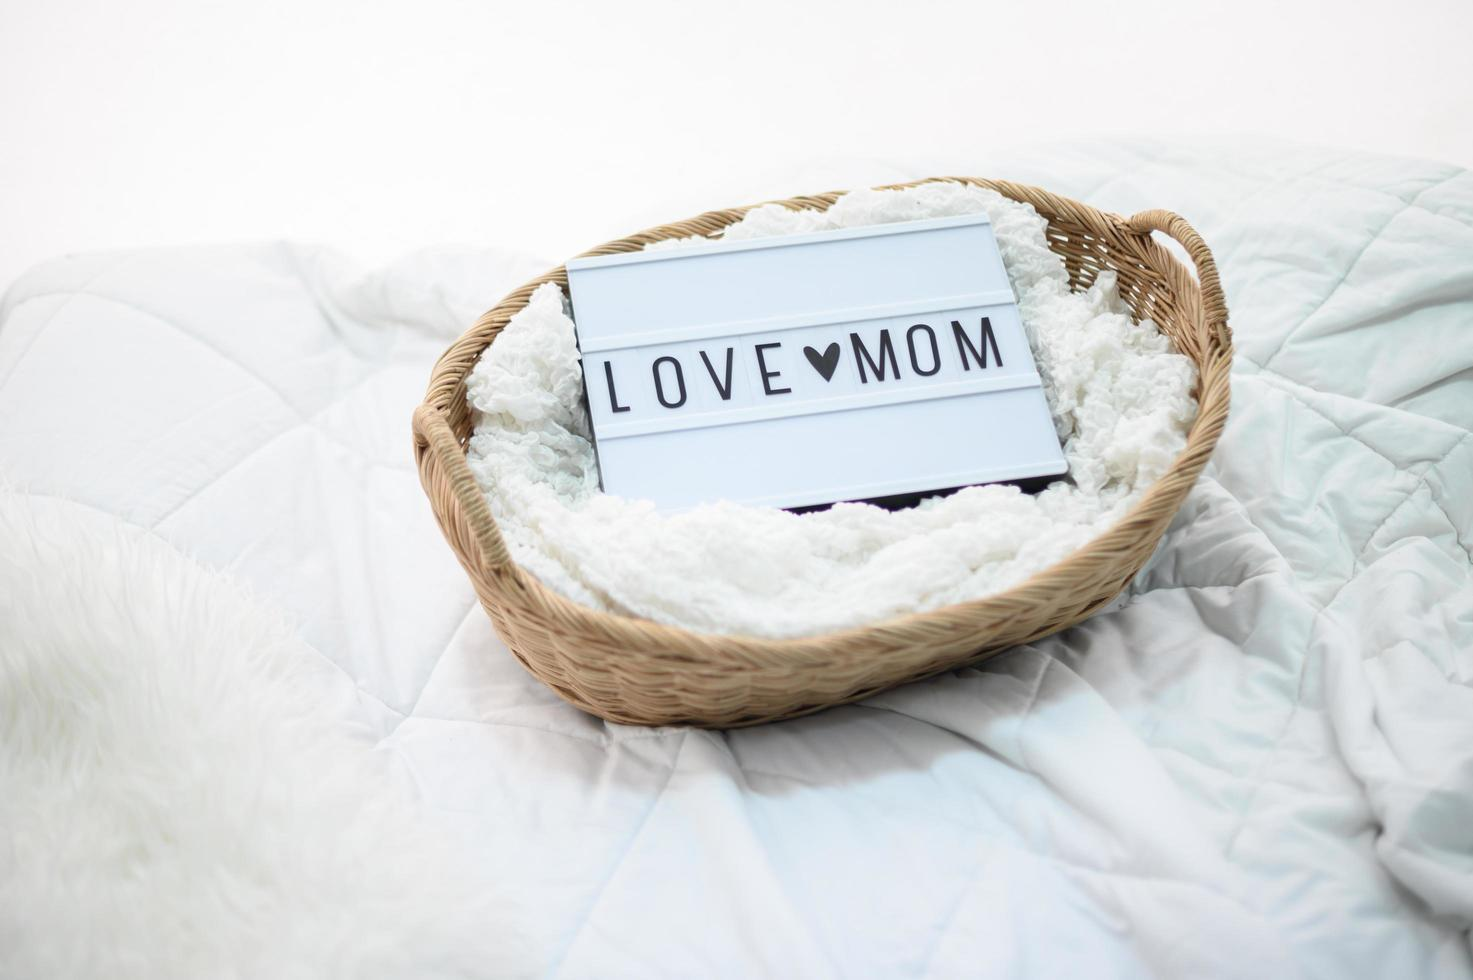 cestino di legno con stoffa e segno della mamma dell'amore foto